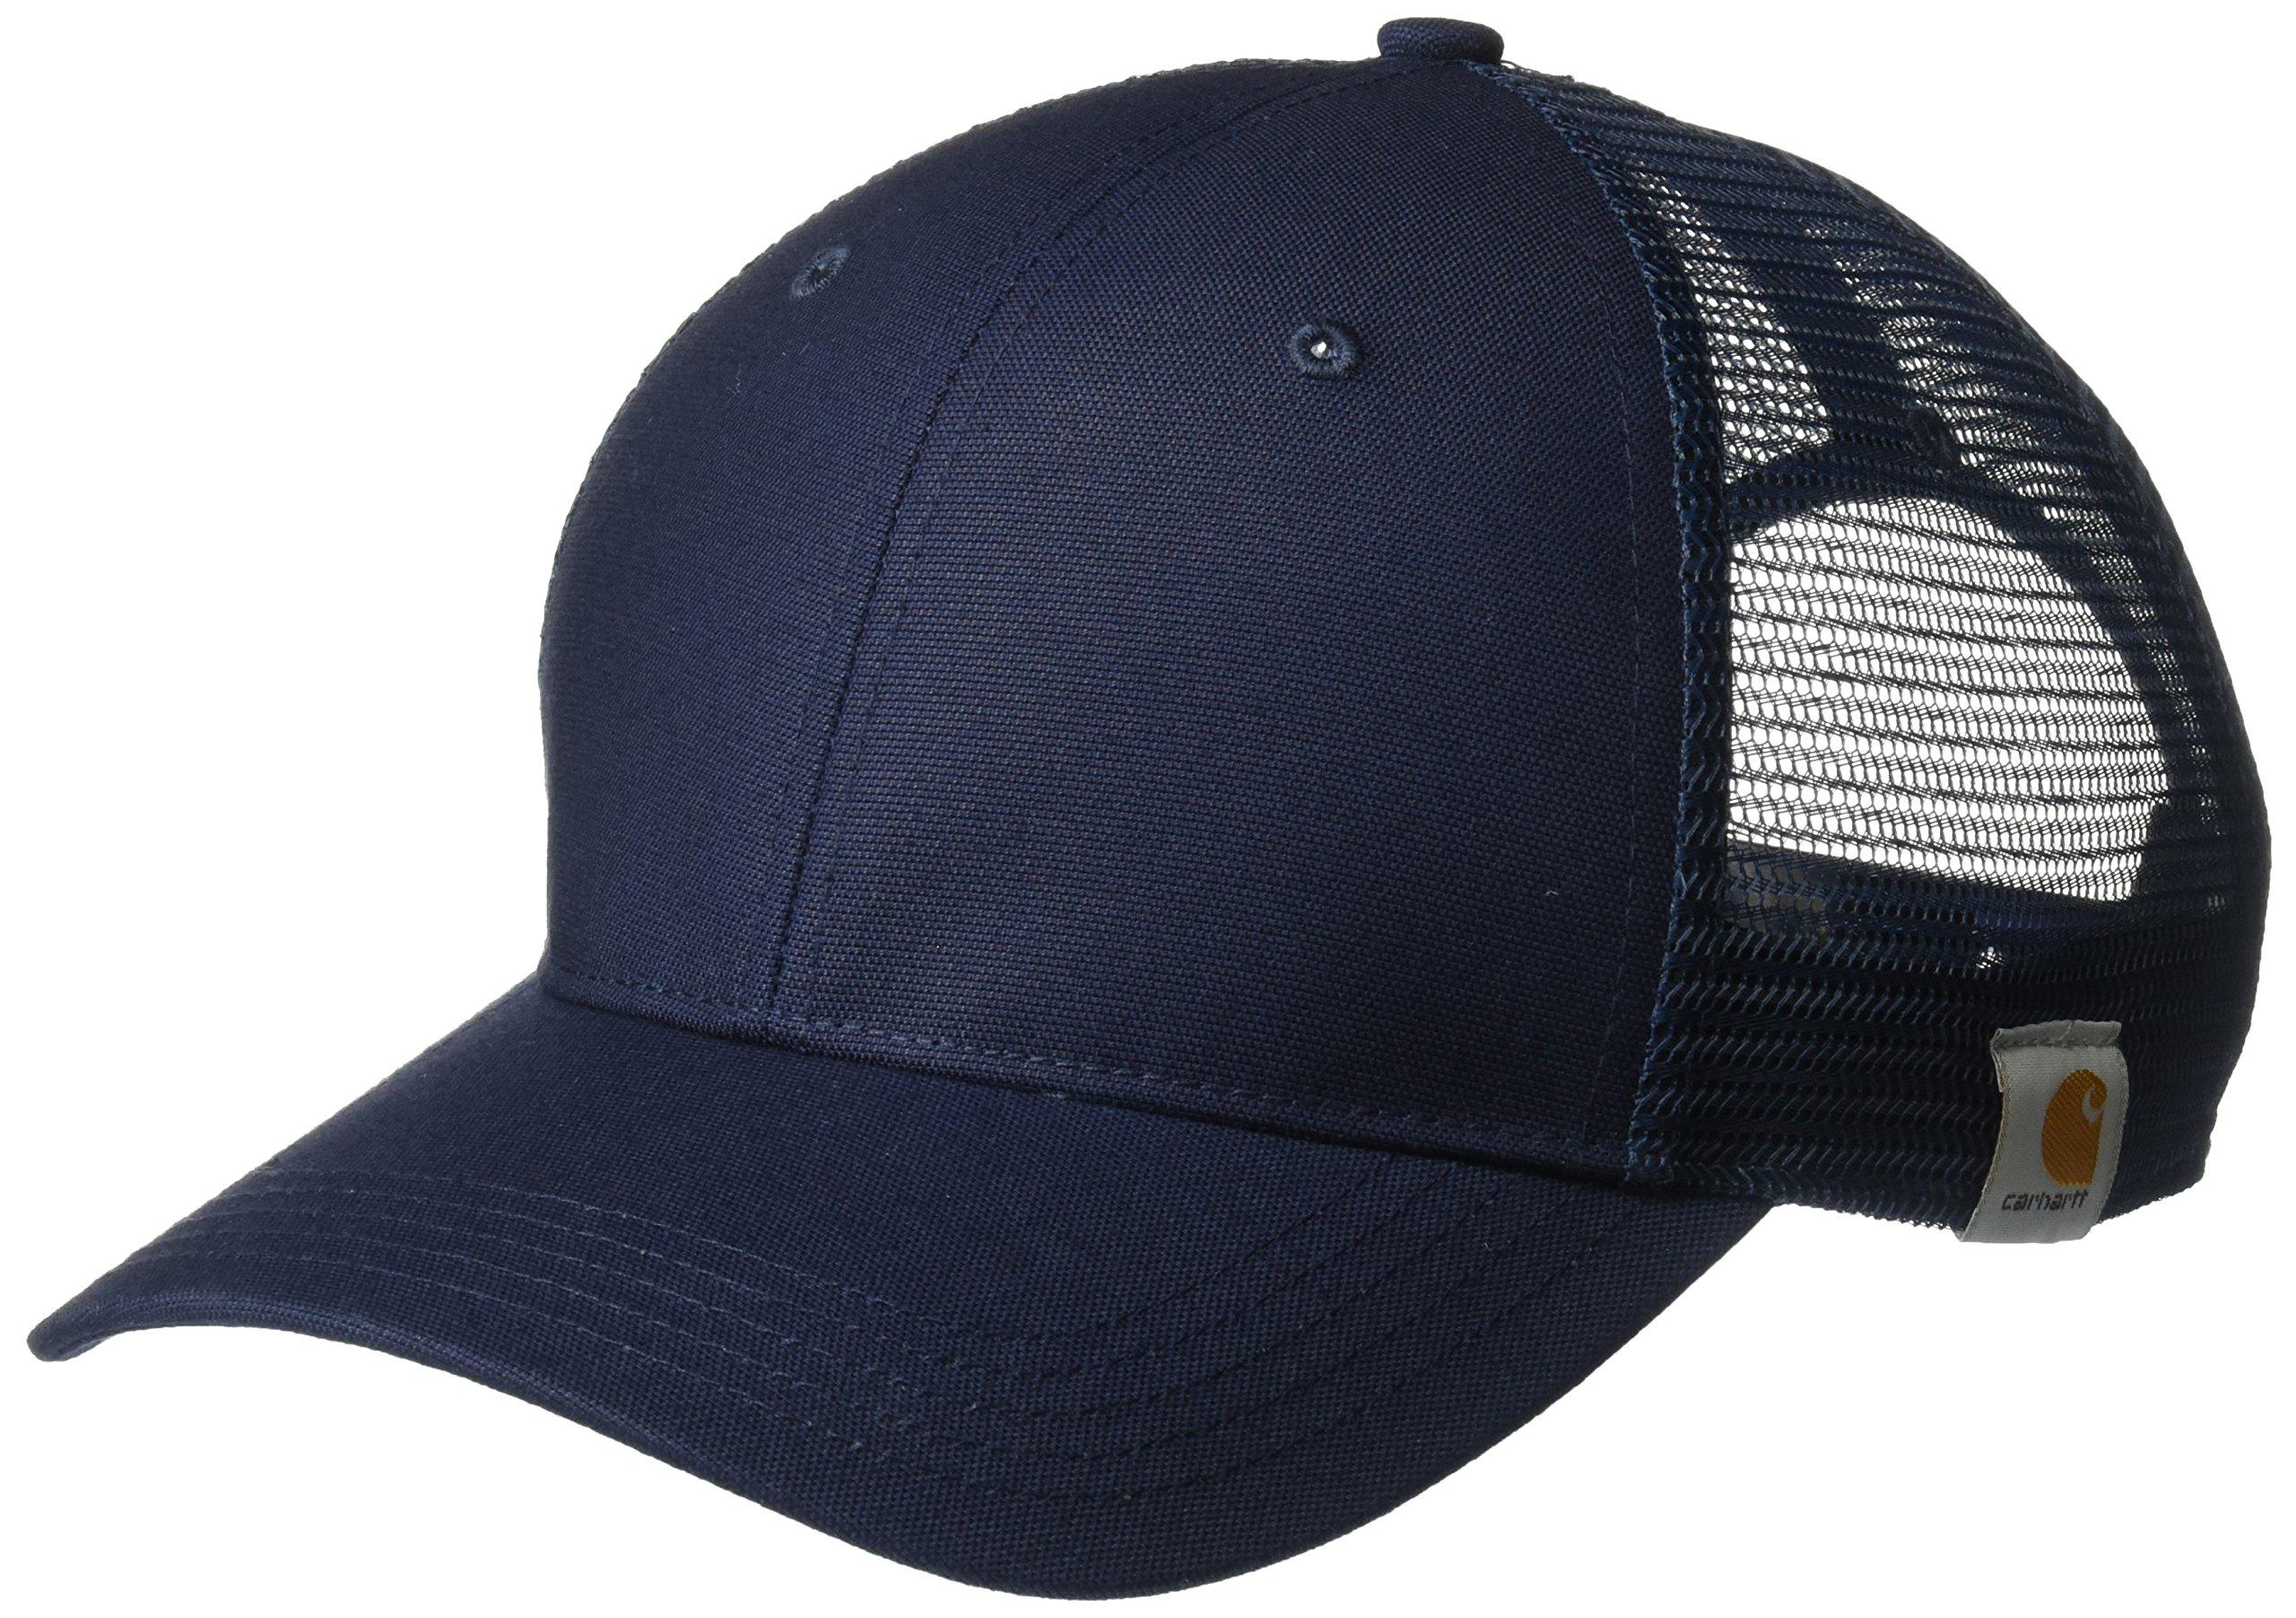 b3a892fe9f1d2f Carhartt Men's Rugged Professional Cap, Navy, OFA - 103056-412-OFA ...